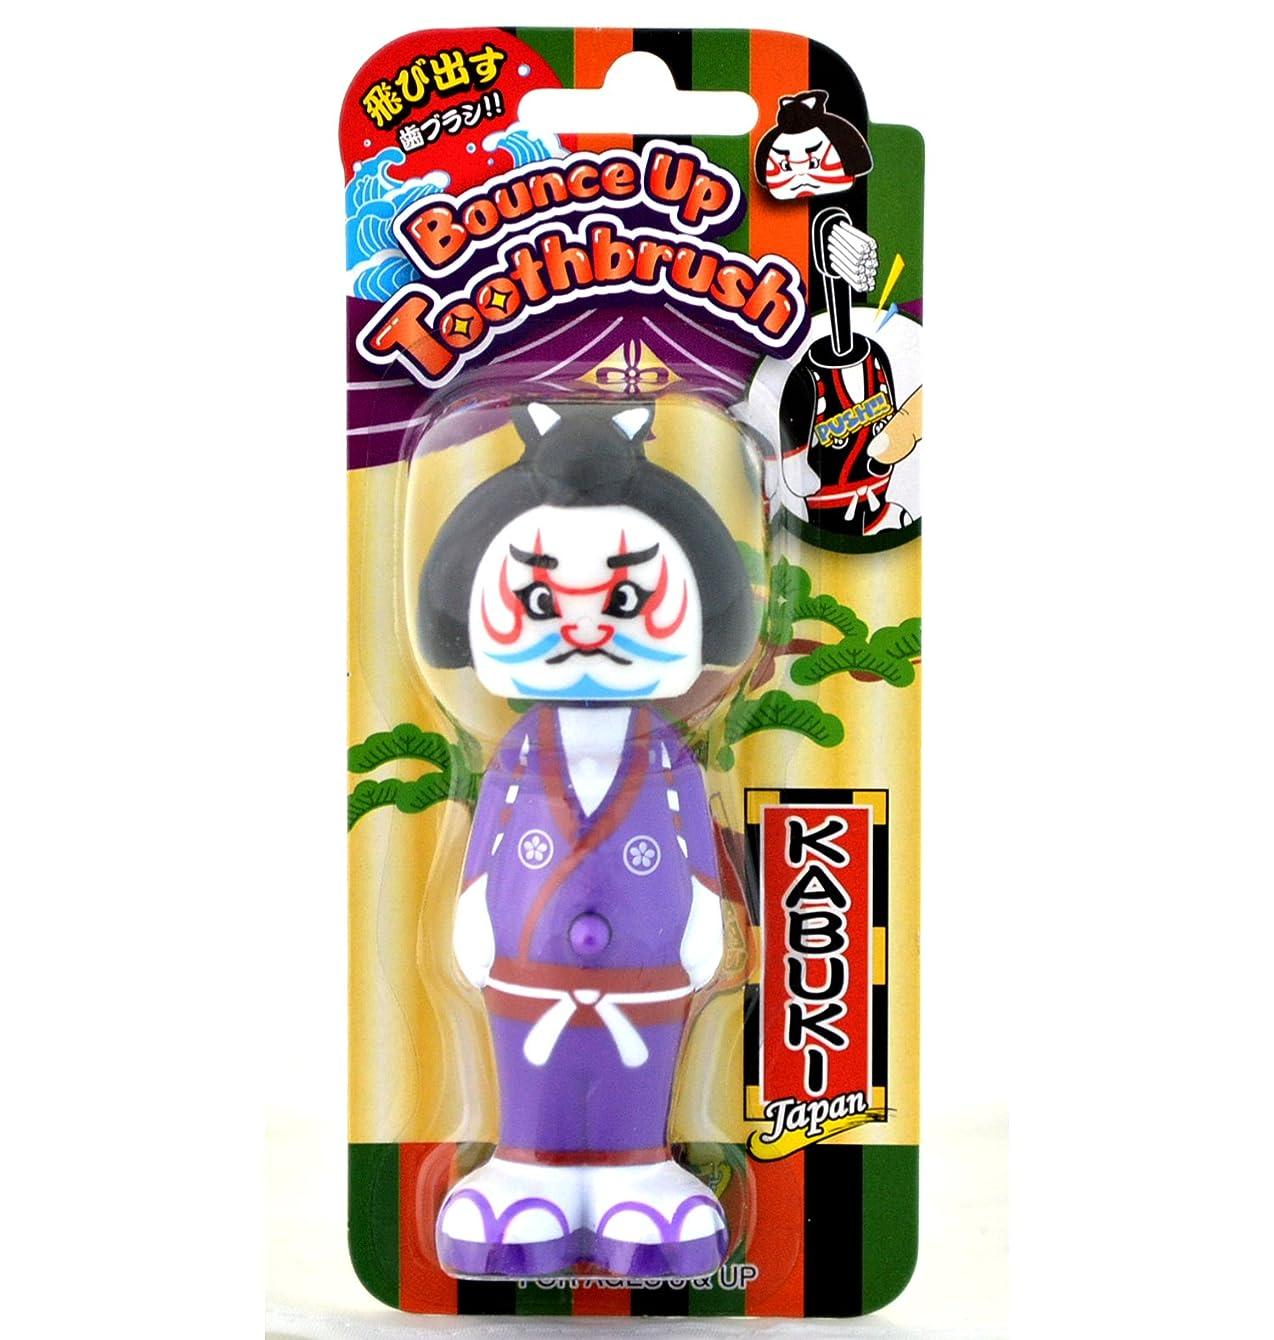 ポット宣言する砂利バウンスアップ歯ブラシ 歌舞伎 パープル